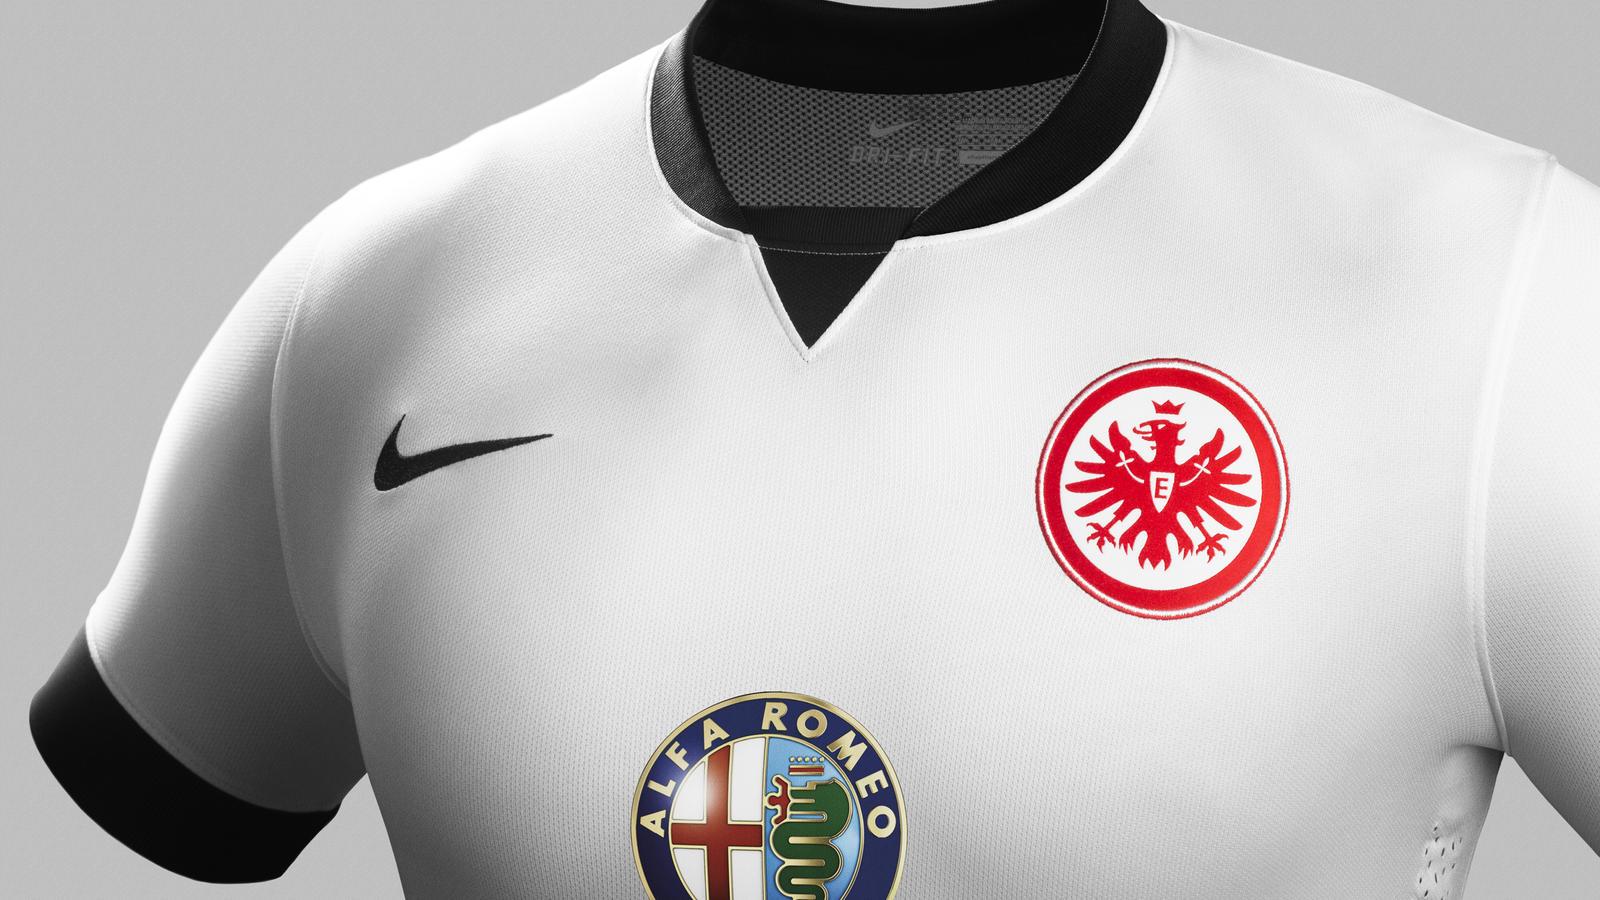 fa14_match_frankfurt_pr_a_crest_r